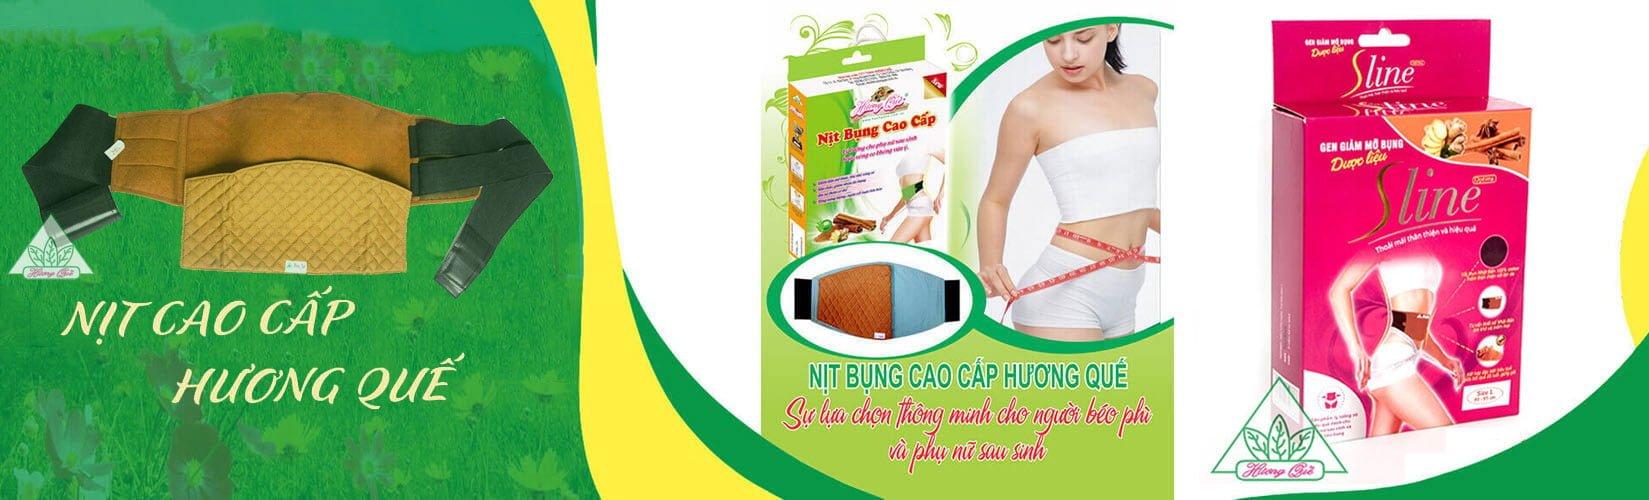 huongque-slide4